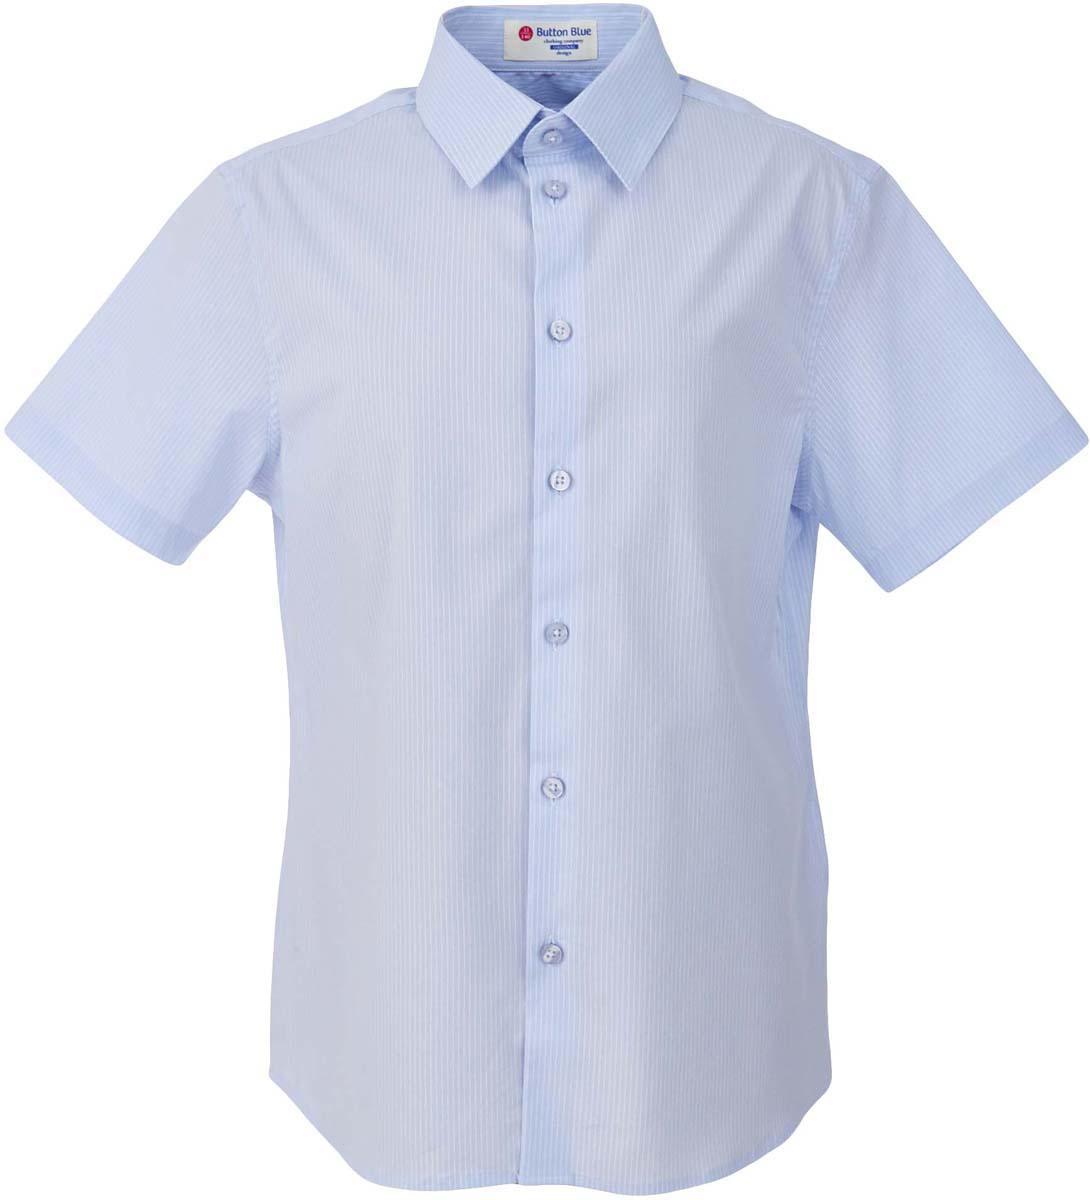 Рубашка для мальчика Button Blue, цвет: голубой. 217BBBS23021805. Размер 122, 7 лет217BBBS23021805Рубашка для мальчика - основа повседневного школьного образа! Школьные рубашки от Button Blue - это качество и комфорт, отличный внешний вид, удобство в уходе, высокая износостойкость. Рубашка с короткими рукавами и отложным воротничком застегивается на пуговицы. Готовясь к школьному сезону, вам стоит купить рубашки в трех-четырех цветах, чтобы разнообразить будни ученика.